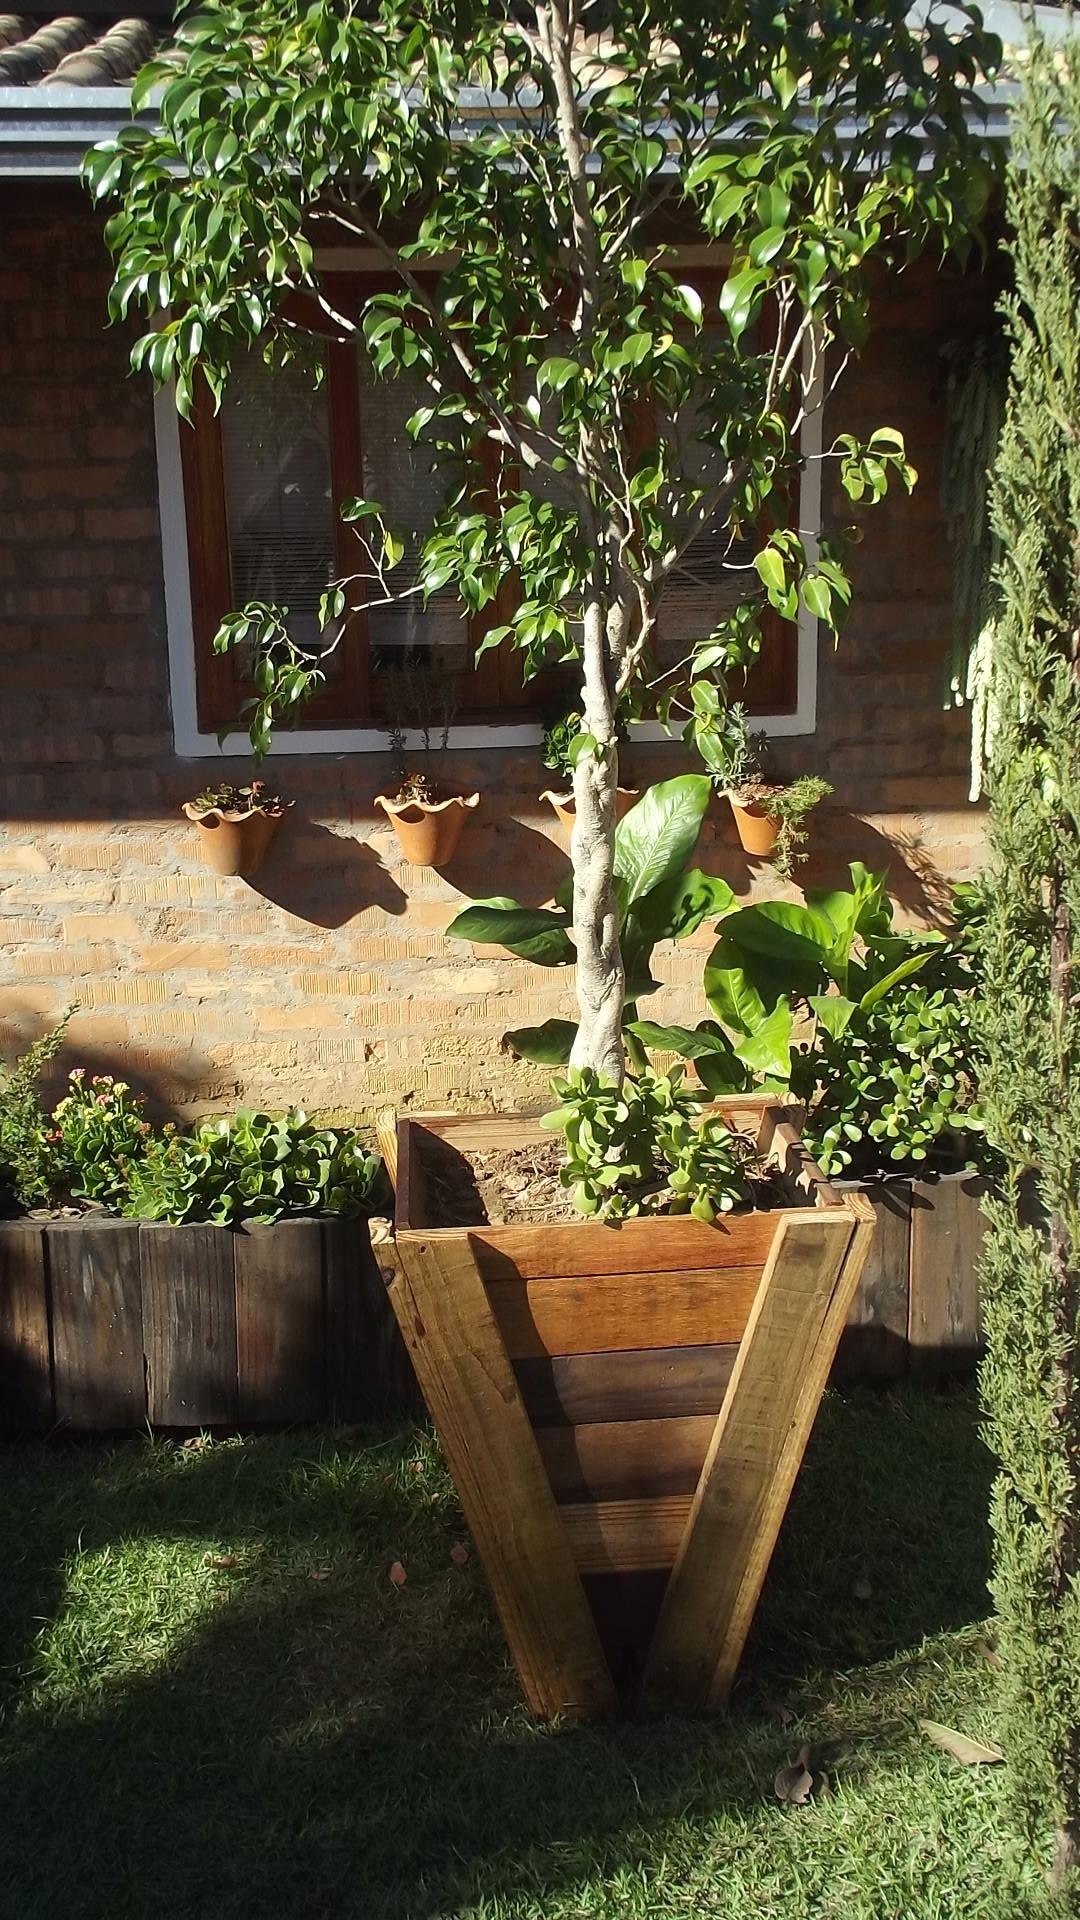 Vaso sustentável, feita com madeira reaproveitável, inspire-se. Tamanho: 58 cm de altura x 46 cm de largura e 48 cm de profundidade.